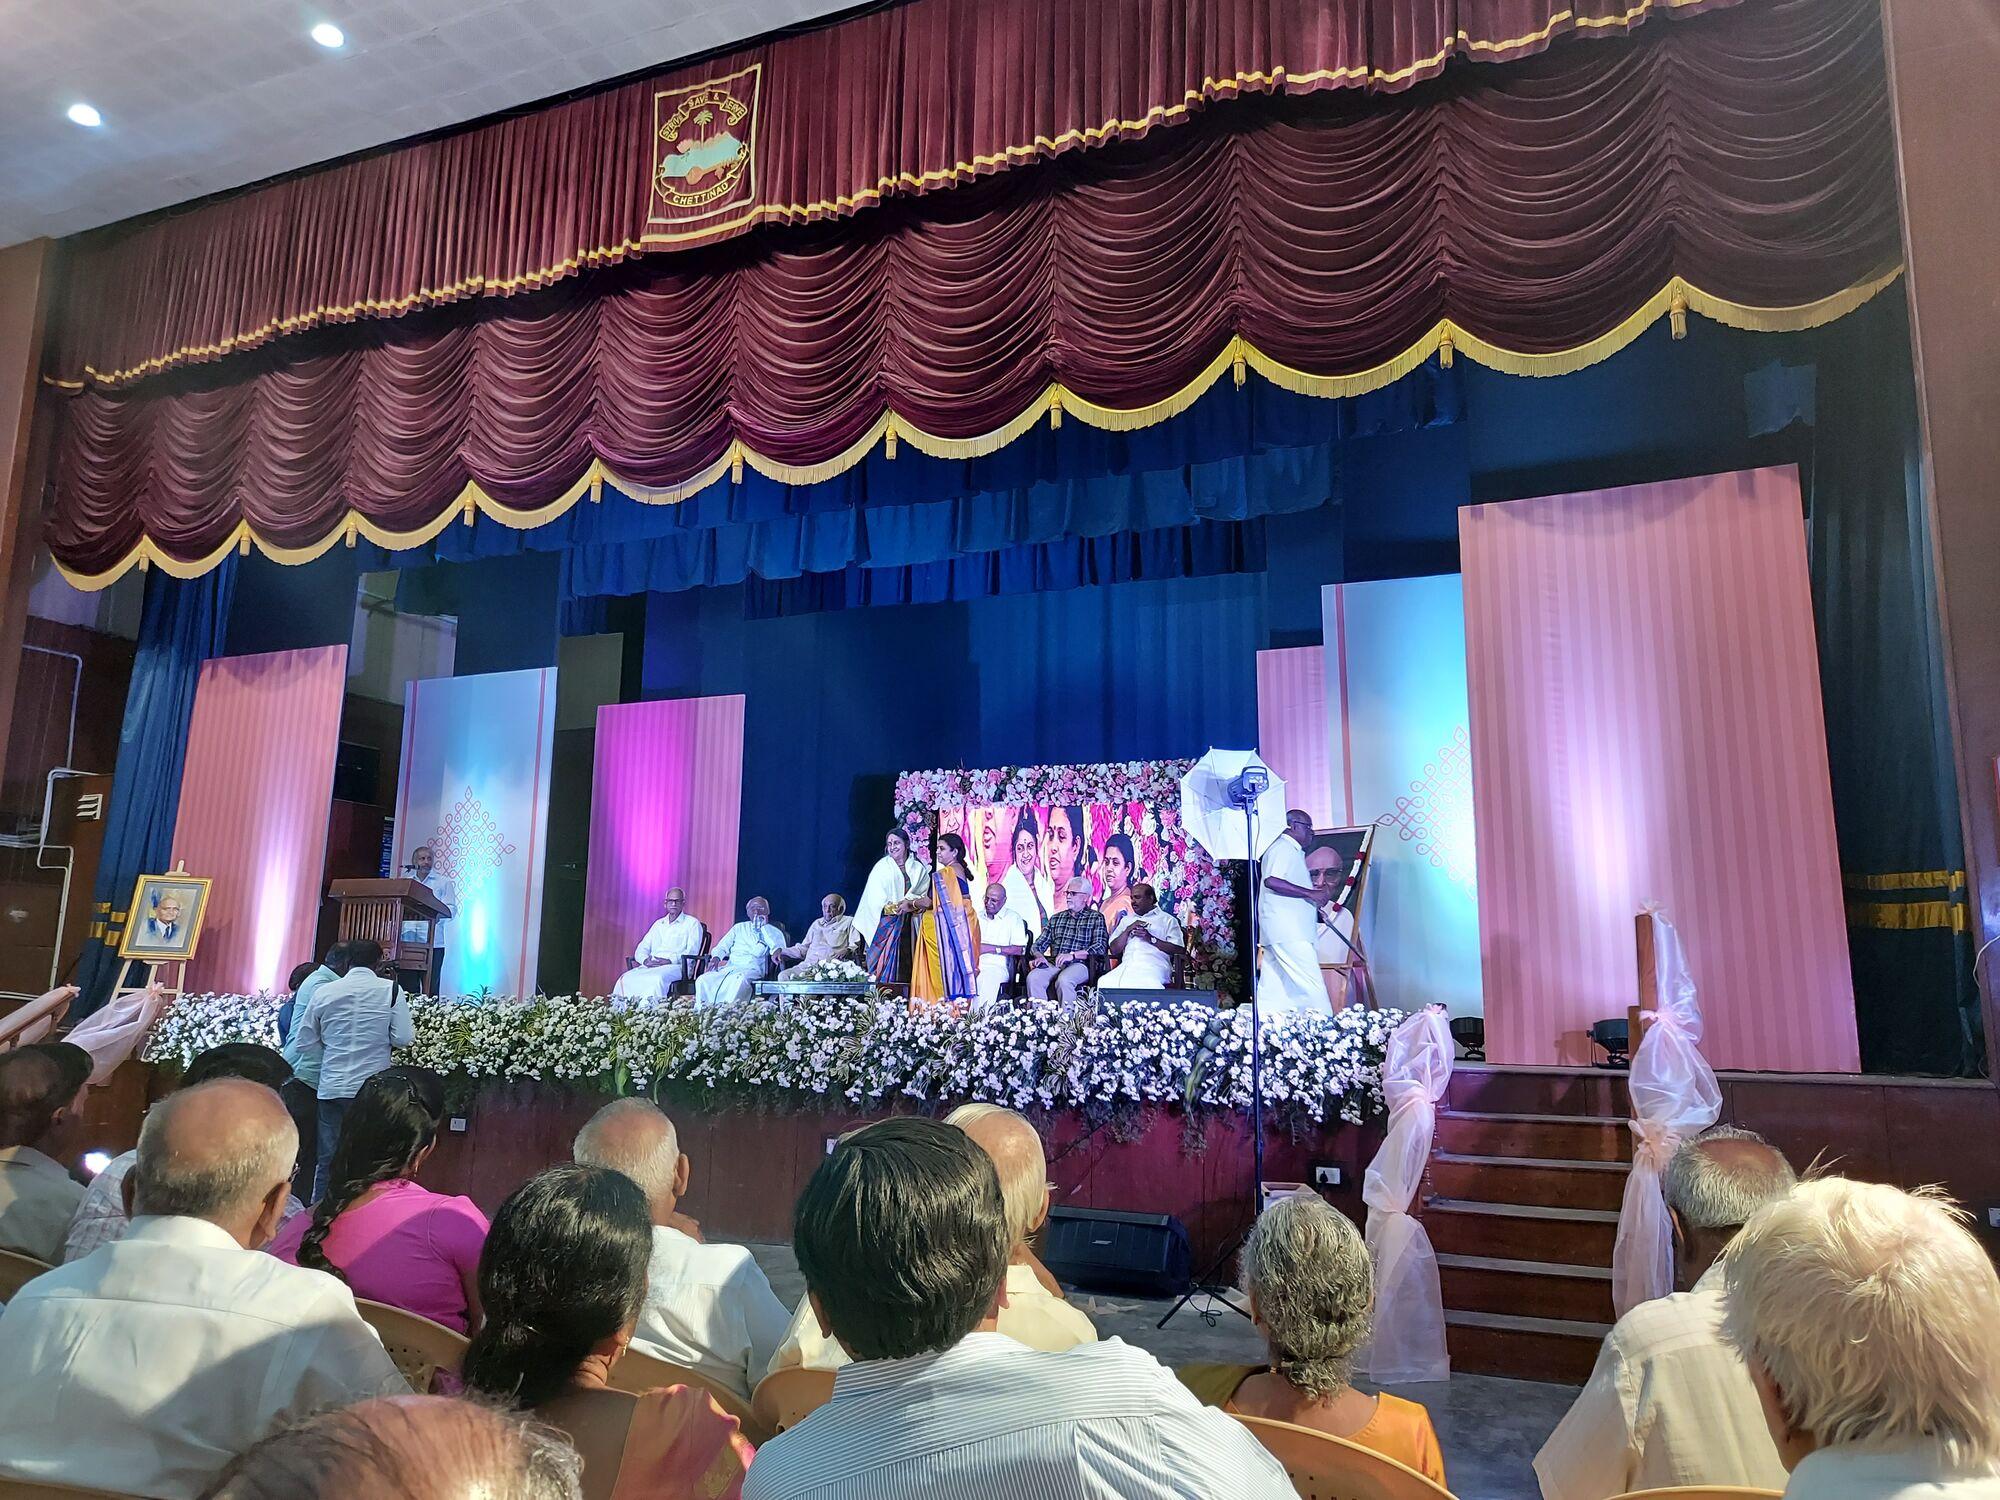 திருமதி சுதா சேஷய்யன், திருமதி மீனா செல்லப்பன்